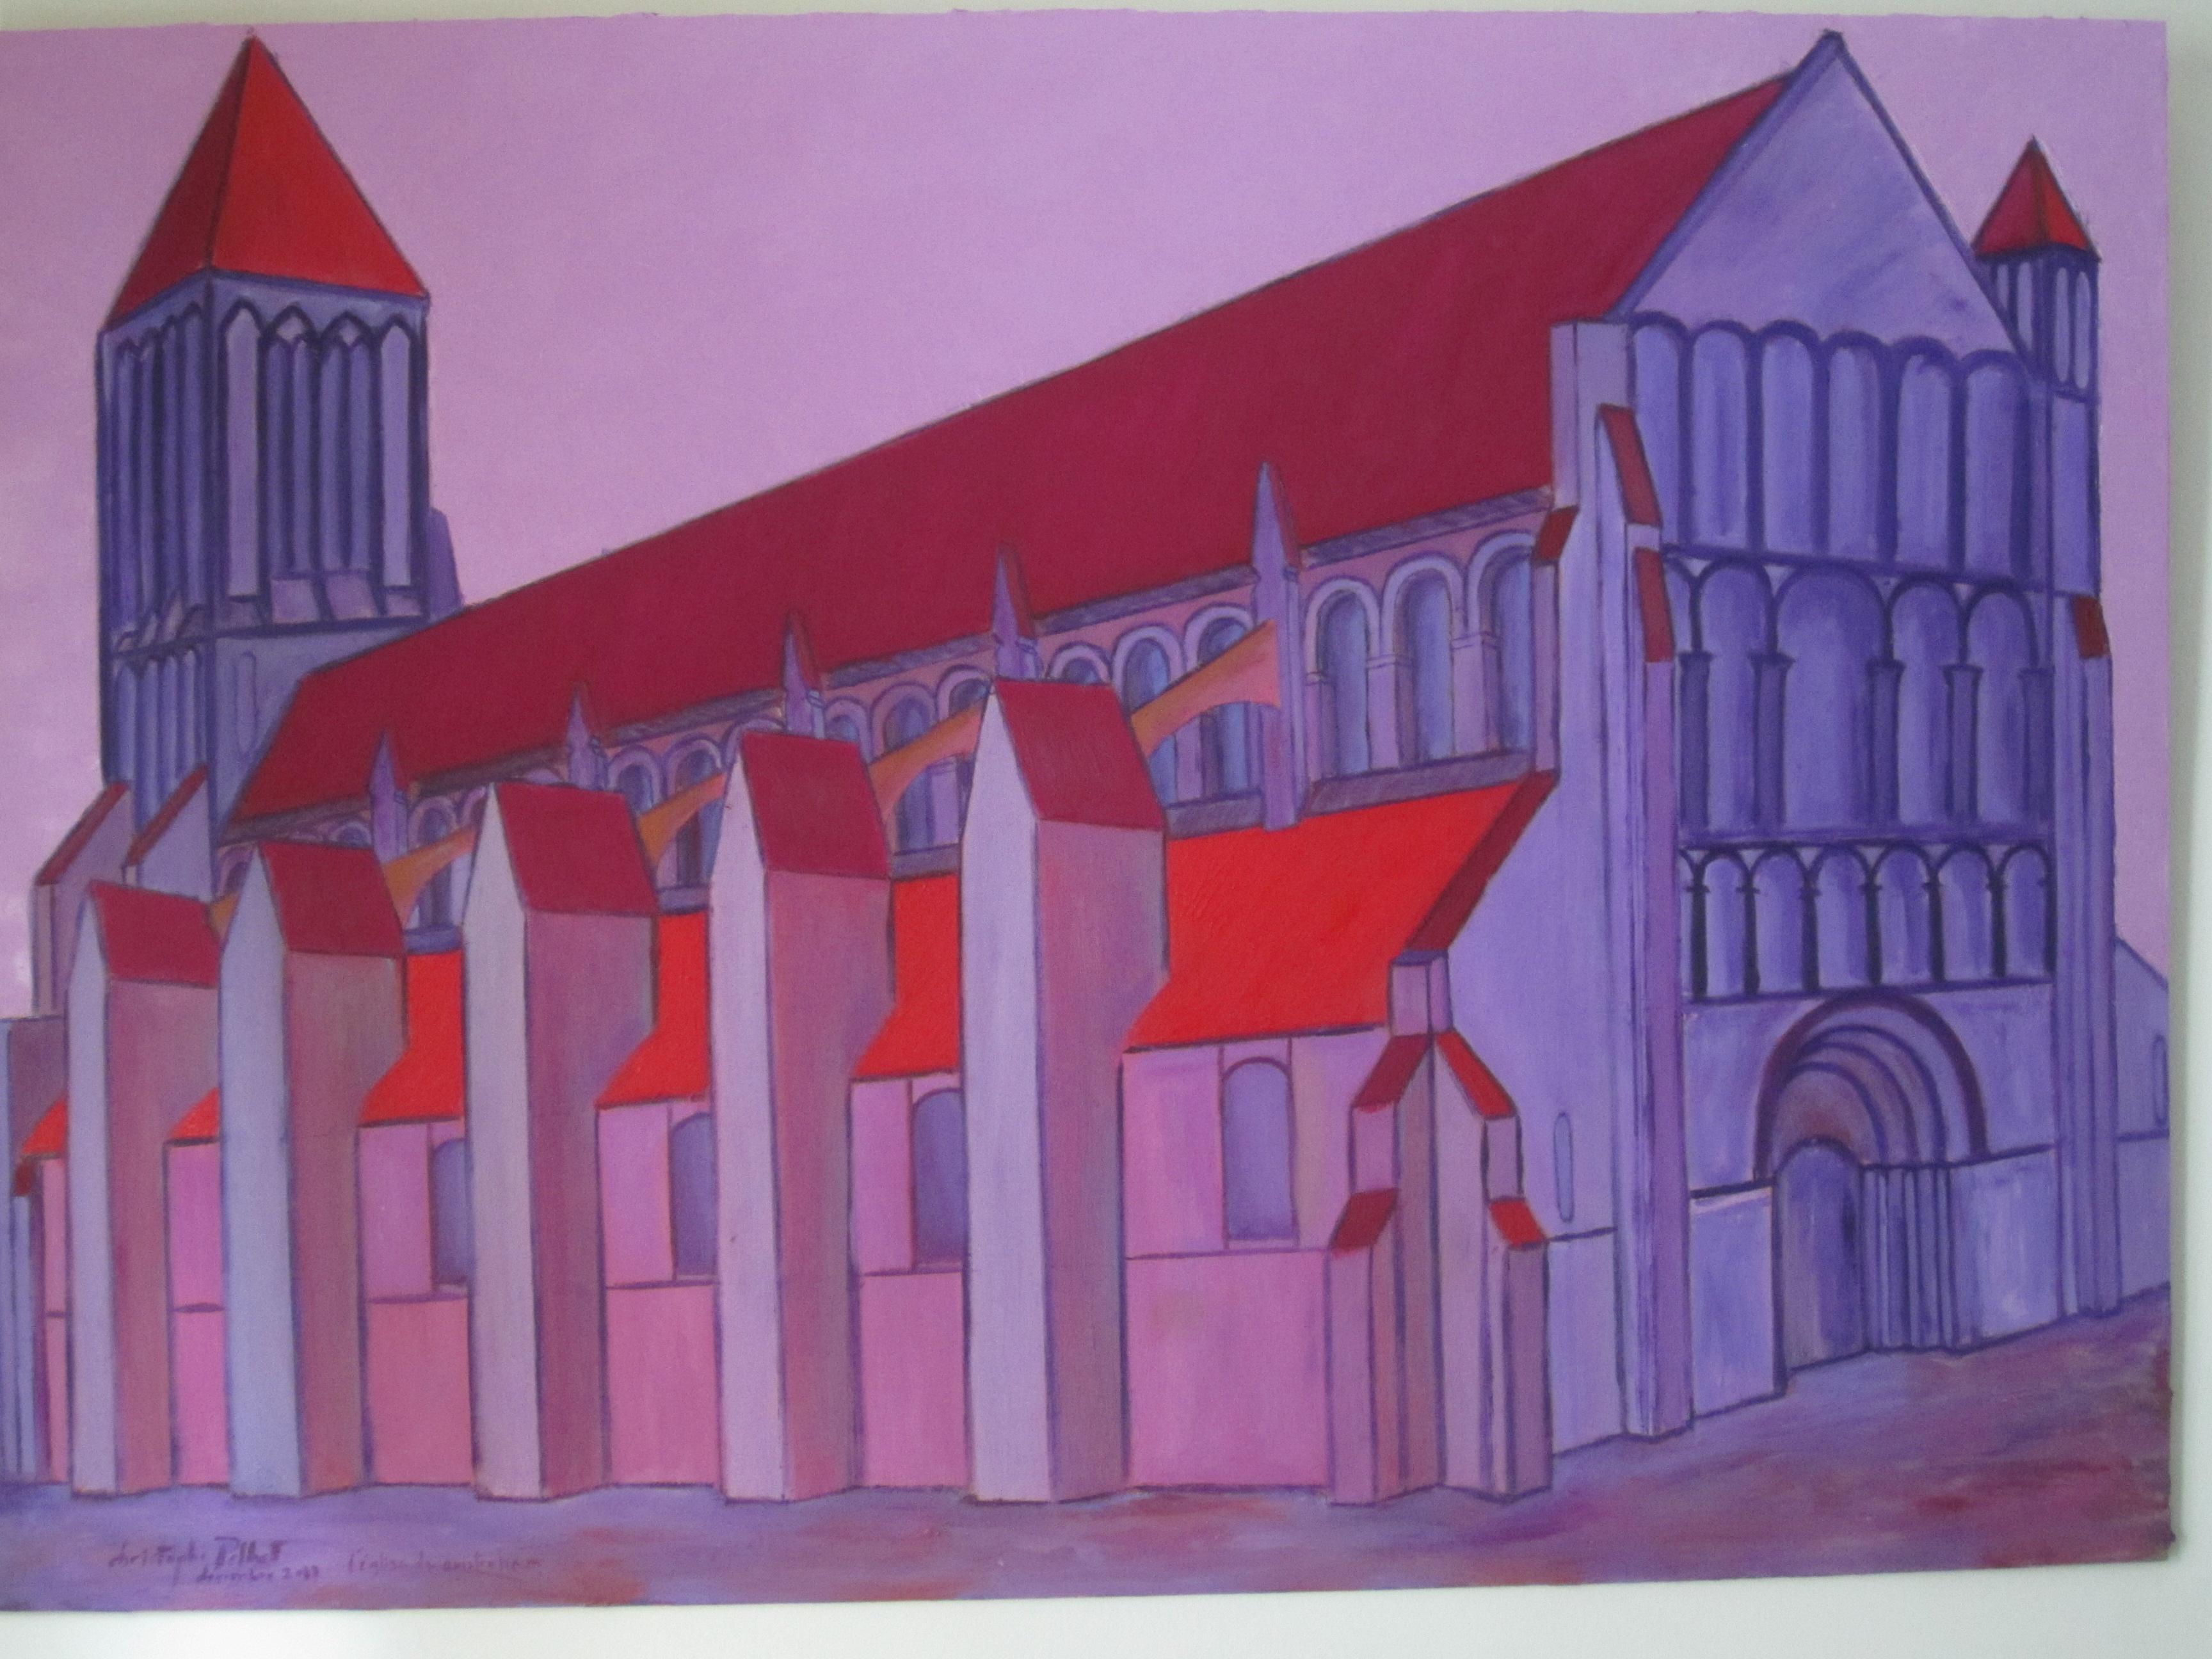 Eglise de ouistreham - Christophe Pelhat